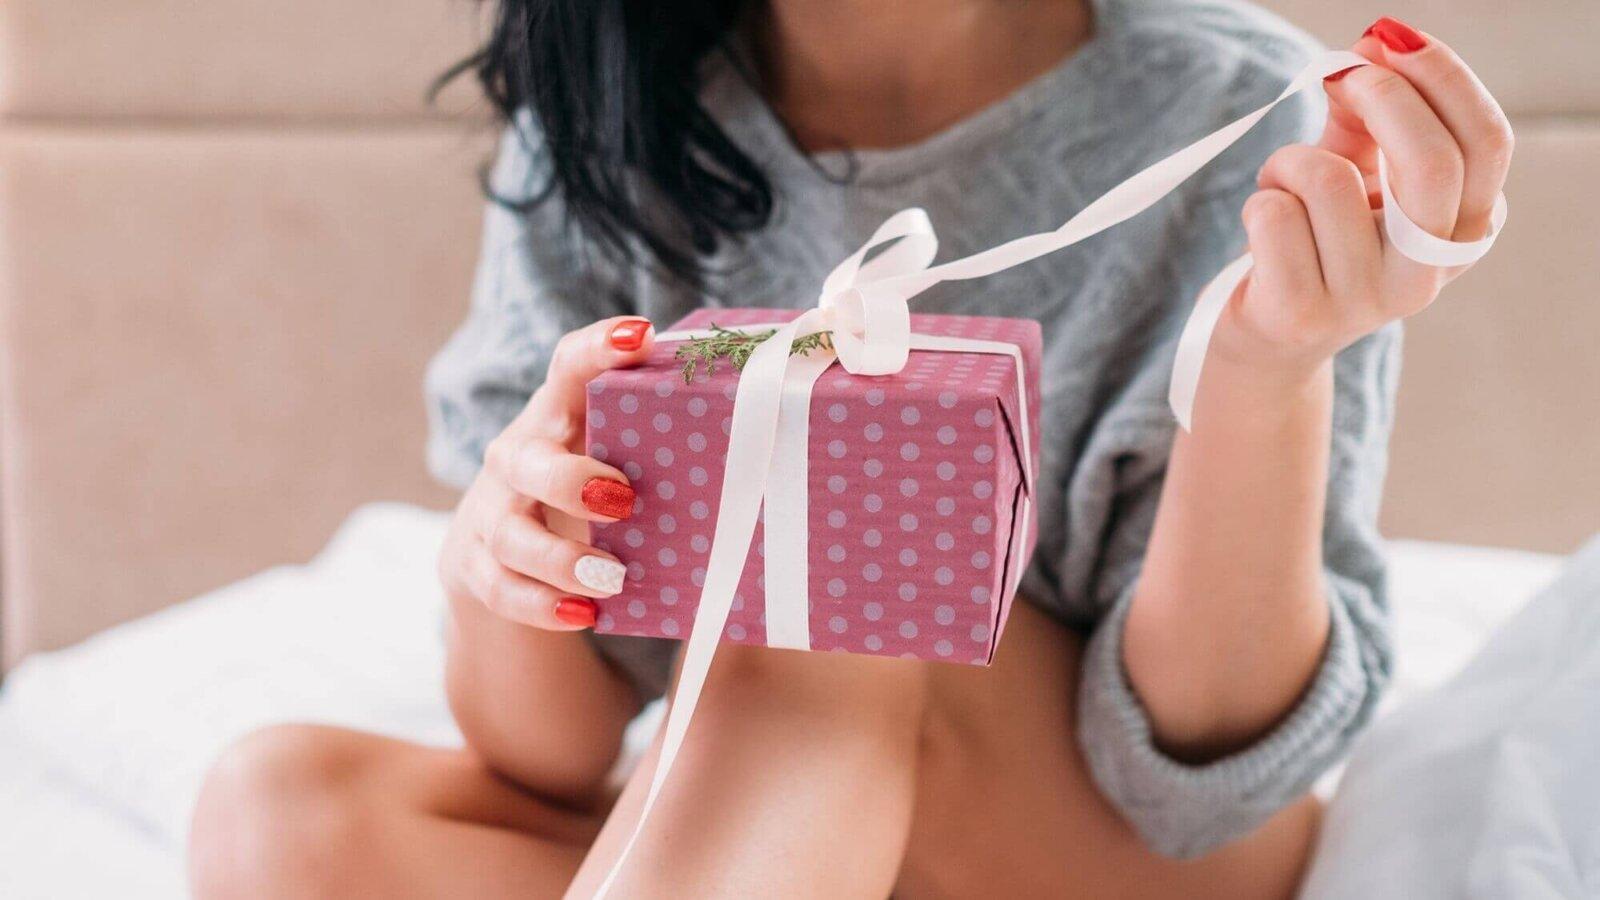 dziewczyna odpakowuje prezent